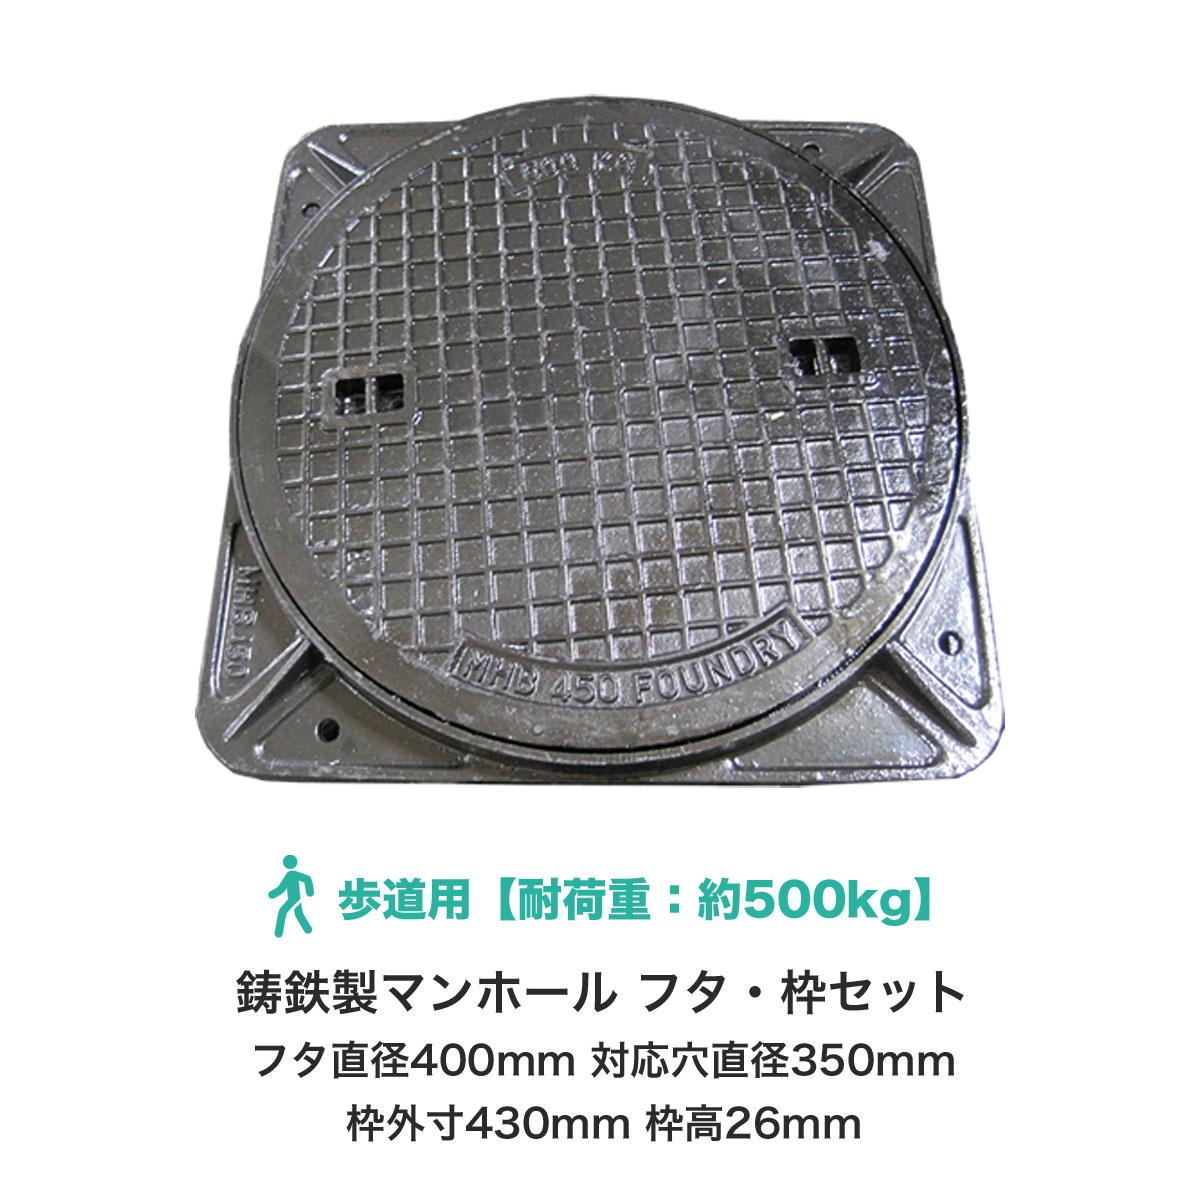 鋳鉄製 マンホール (歩道用) フタ+枠セット フタ直径400mm (直径35cmの穴に対応) tt-mkc400